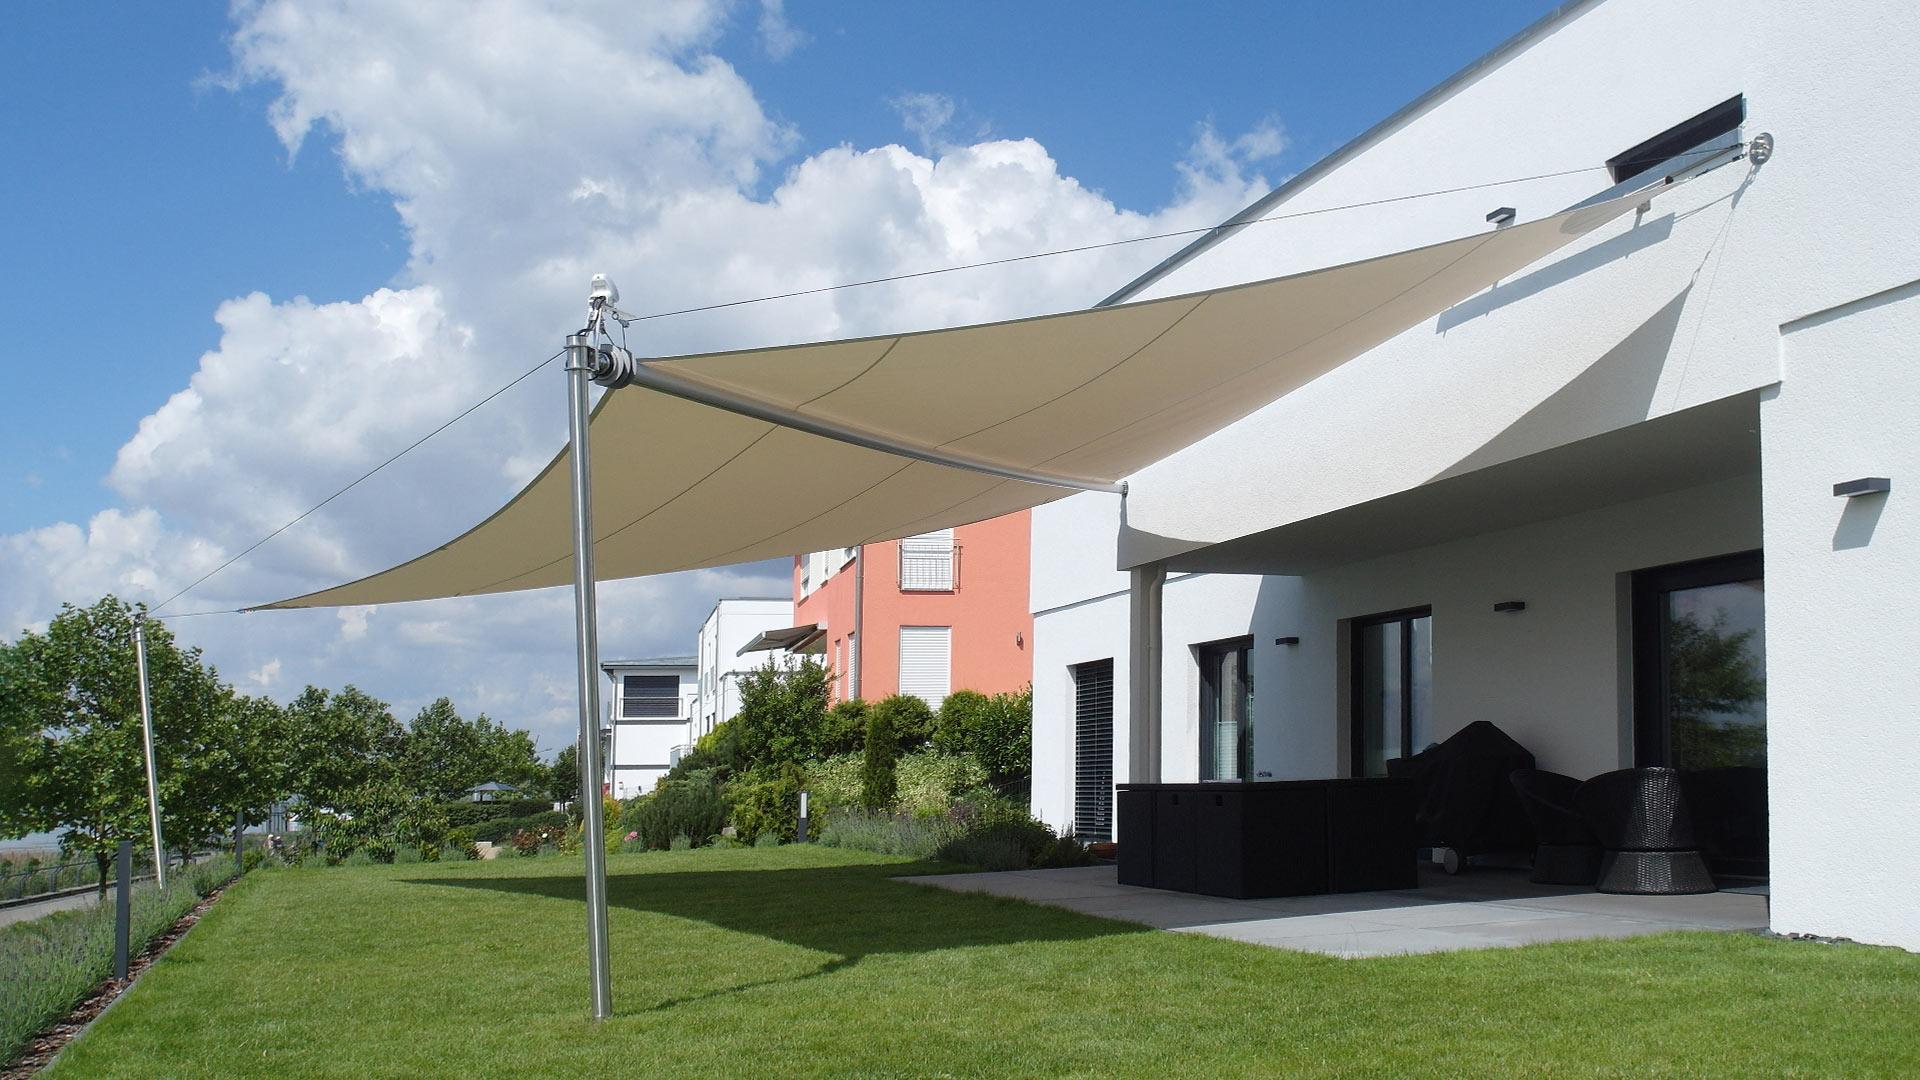 Elektrisches Sonnensegel an einer Hausfassade